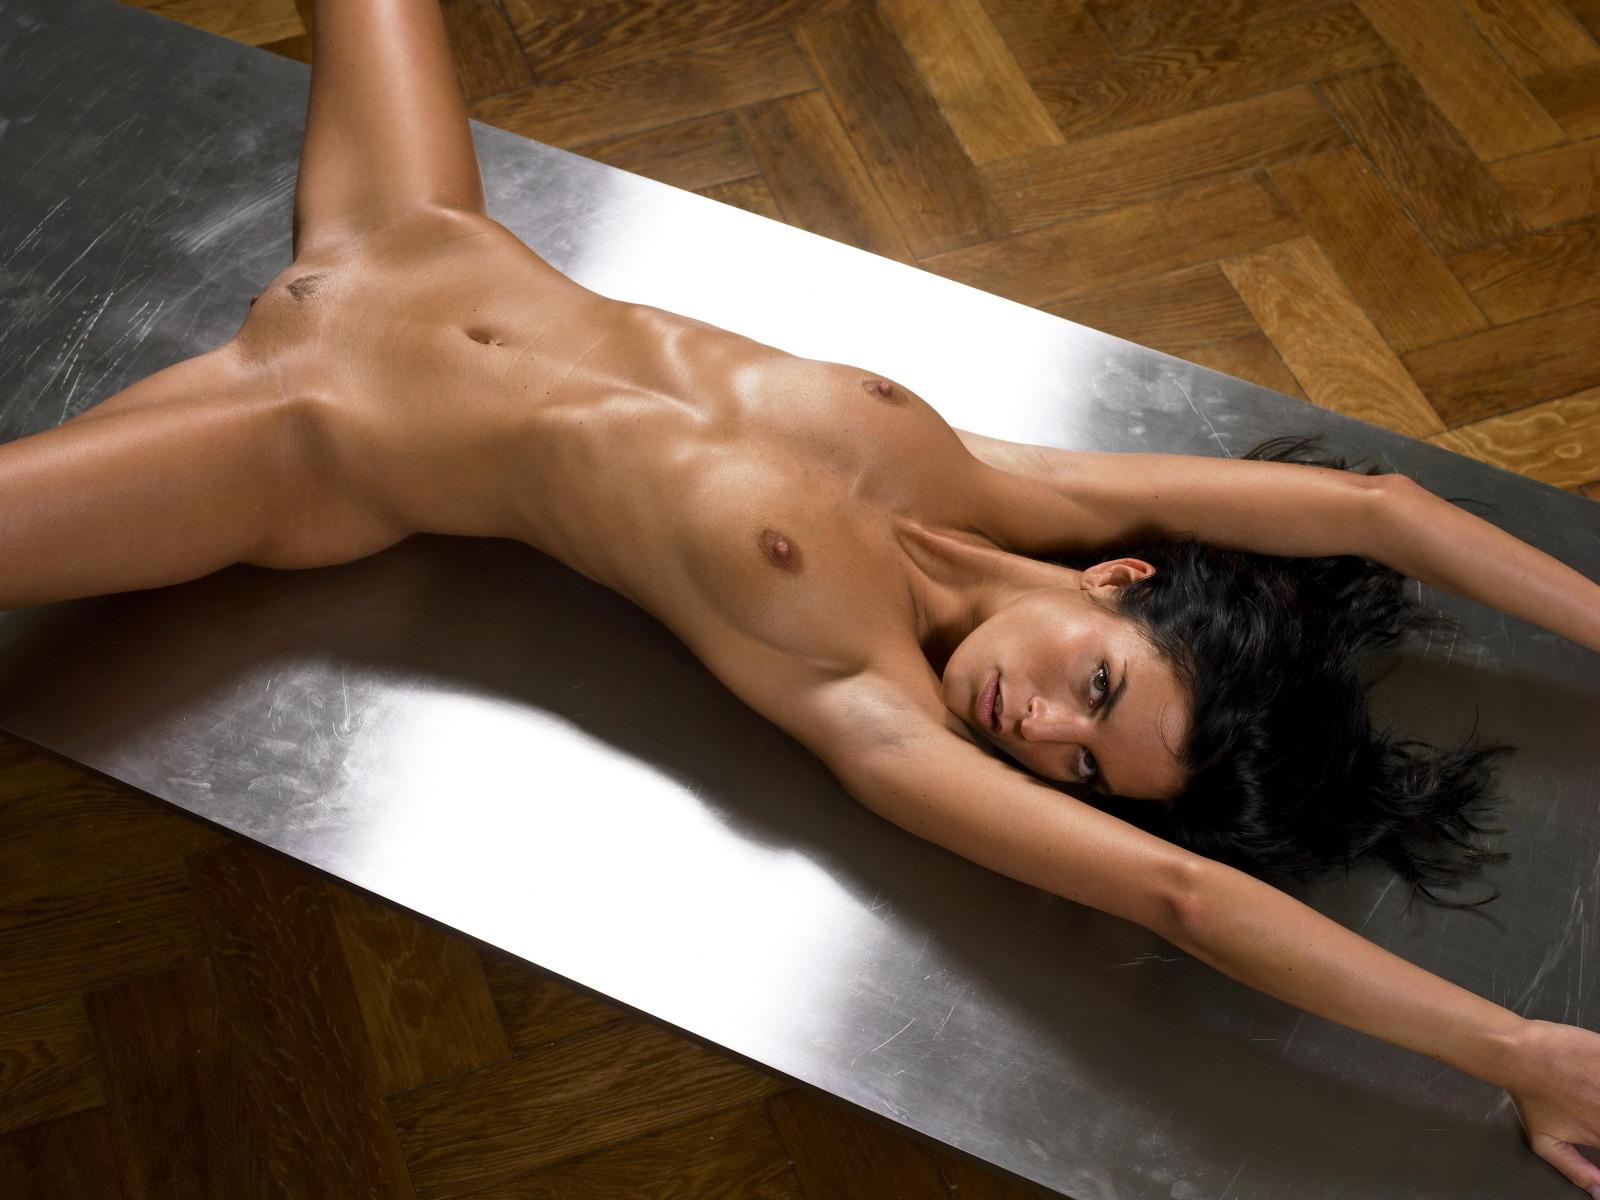 Эротические фото девушек голых на столе 16 фотография